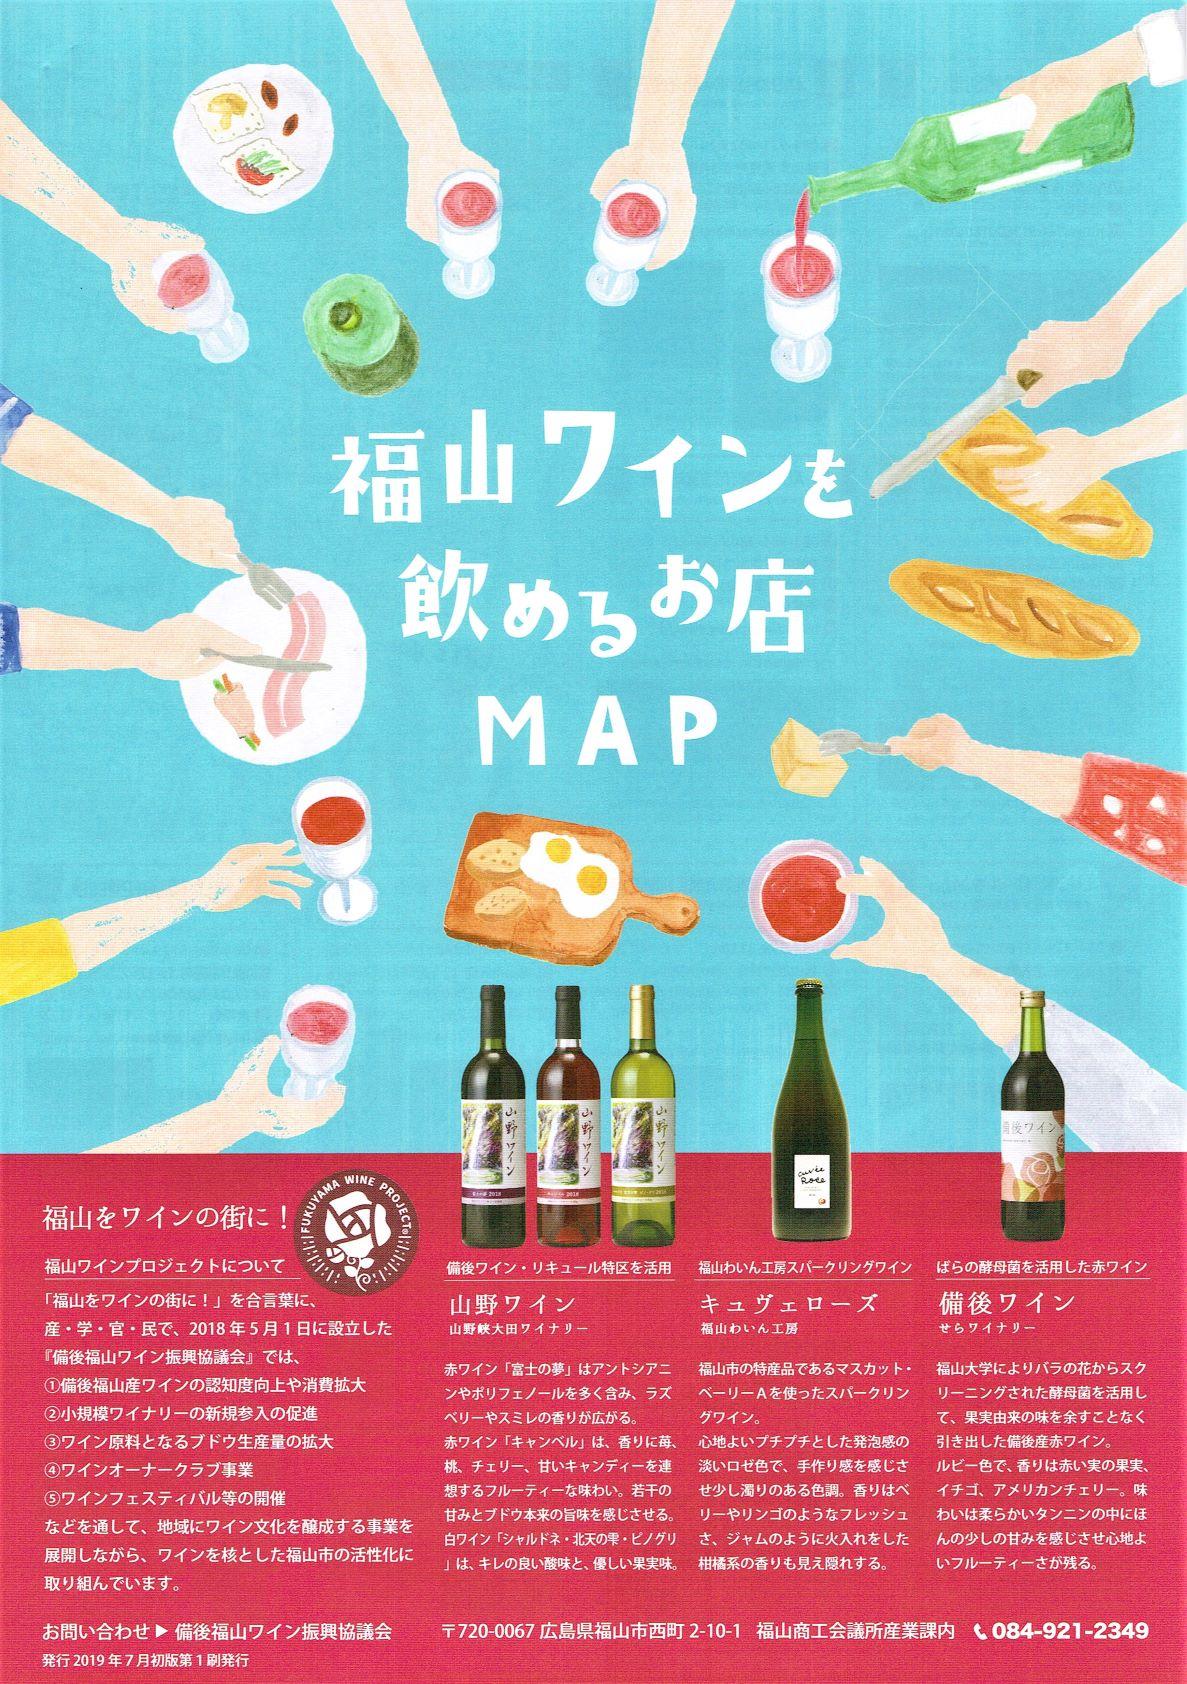 福山ワインを飲めるお店MAP